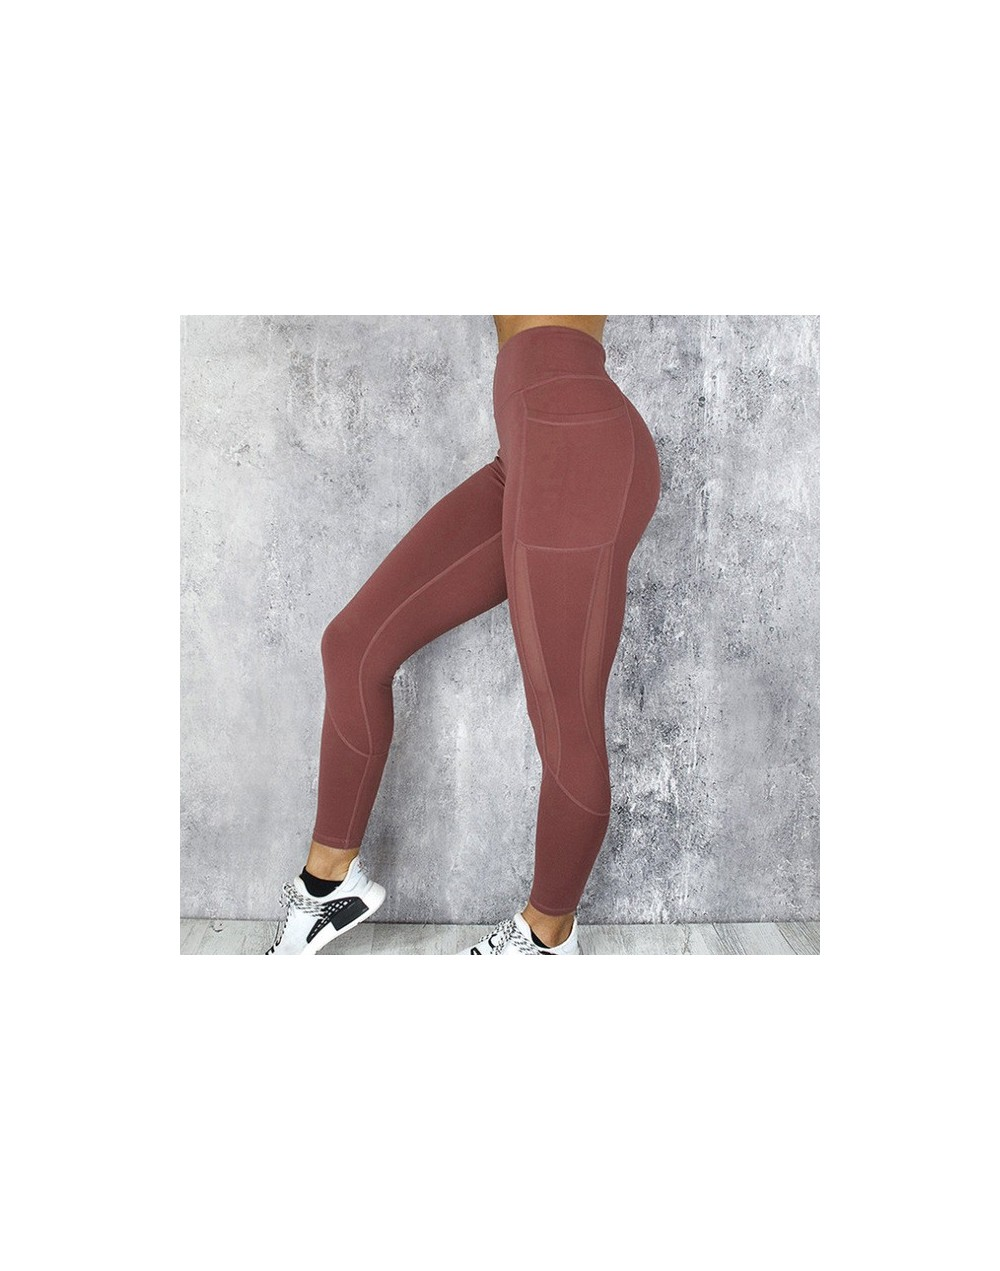 Fitness Mesh Leggings Women High Waist Push Up Leggings Mujer Solid Pocket Leggings Feminina S-Xl - Red - 4C3066472817-4